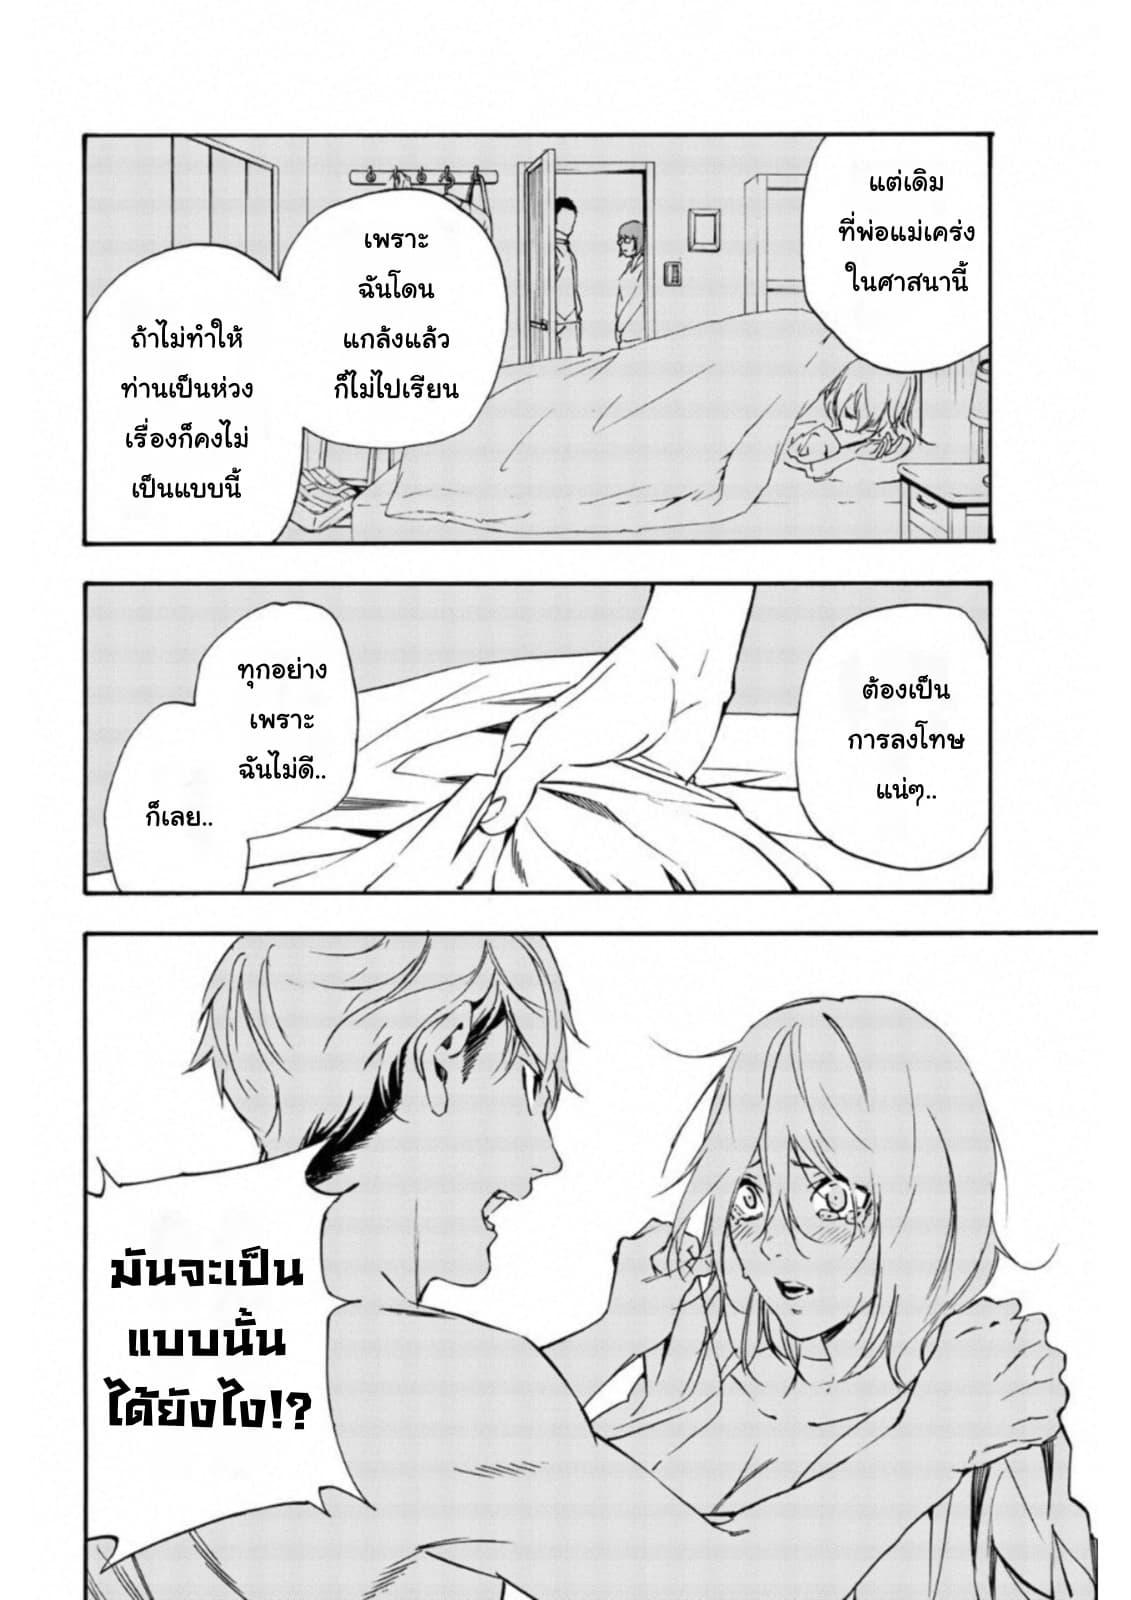 อ่านการ์ตูน Zetsubou no Rakuen ตอนที่ 11 หน้าที่ 9